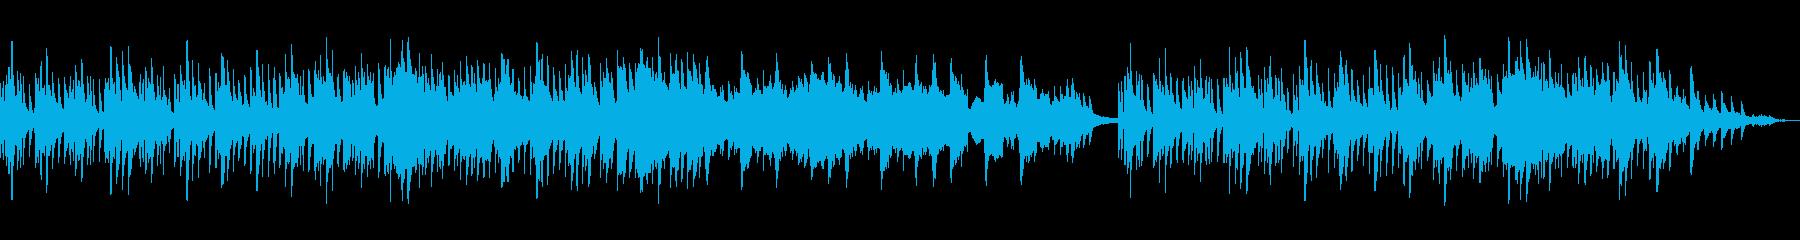 ゆったりした雰囲気のBGMの再生済みの波形